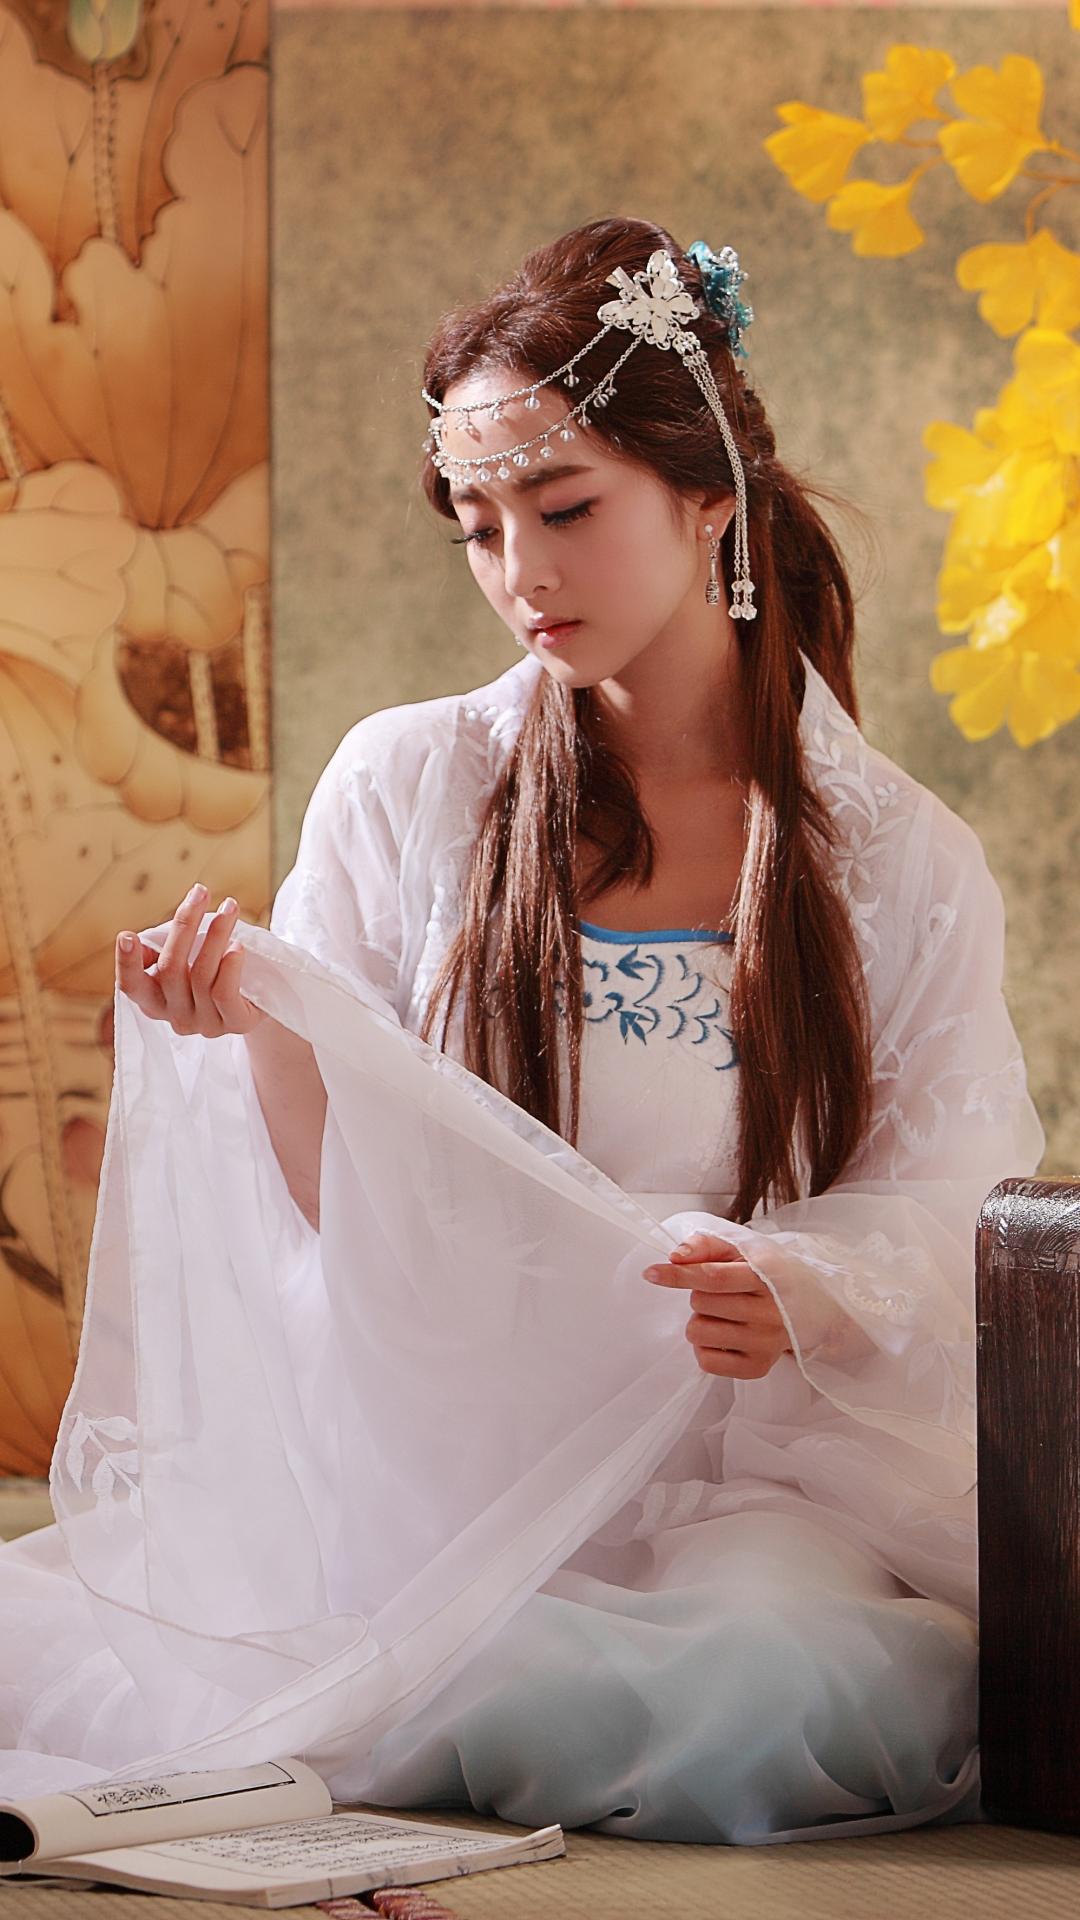 WomenMikako Zhang Kaijie 1080x1920 Wallpaper ID 585038 1080x1920